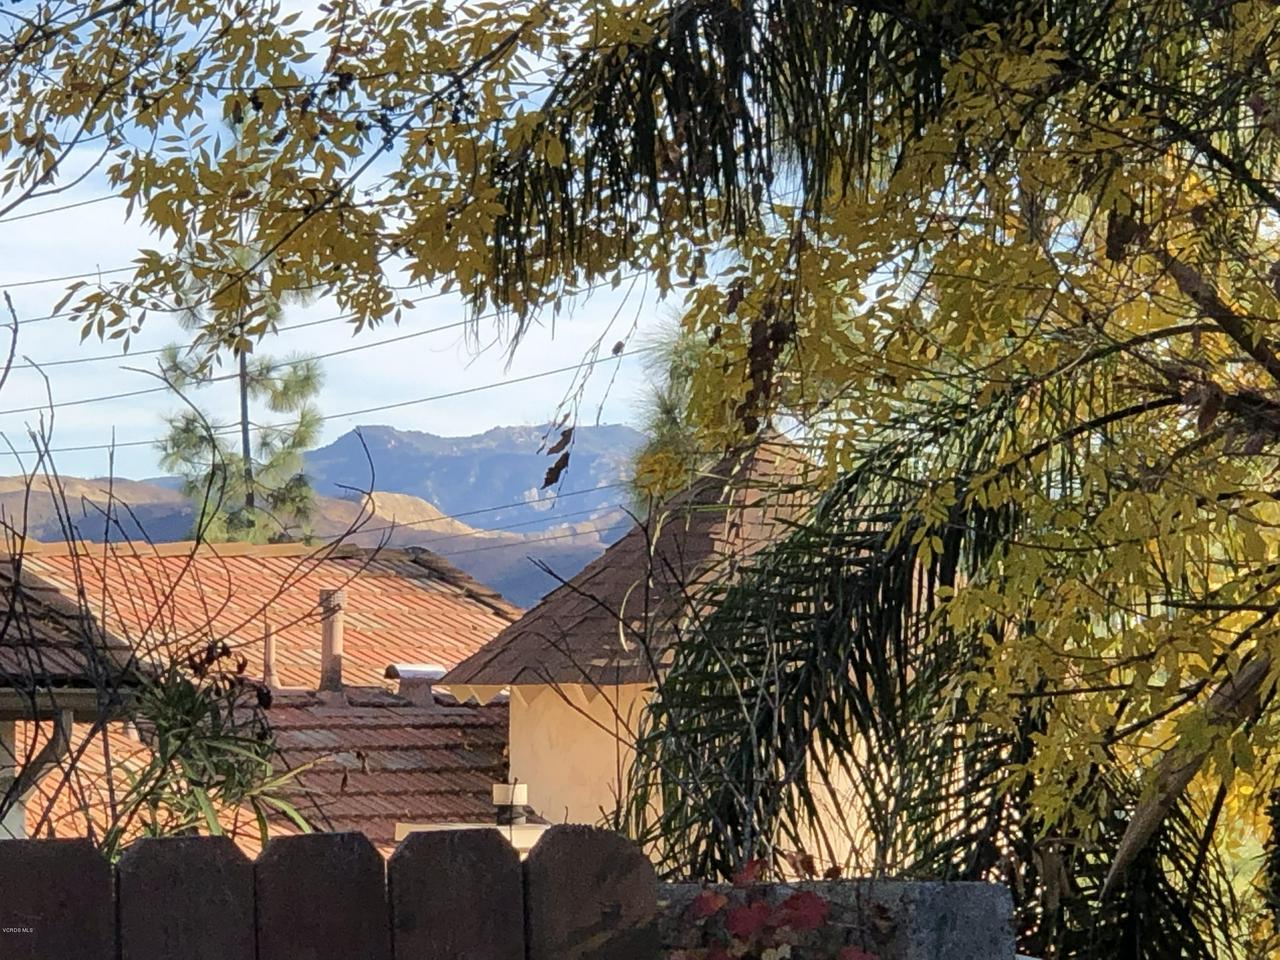 29721 CANWOOD, Agoura Hills, CA 91301 - 980A8088-3C2E-45AD-80AA-2B784B80C30F